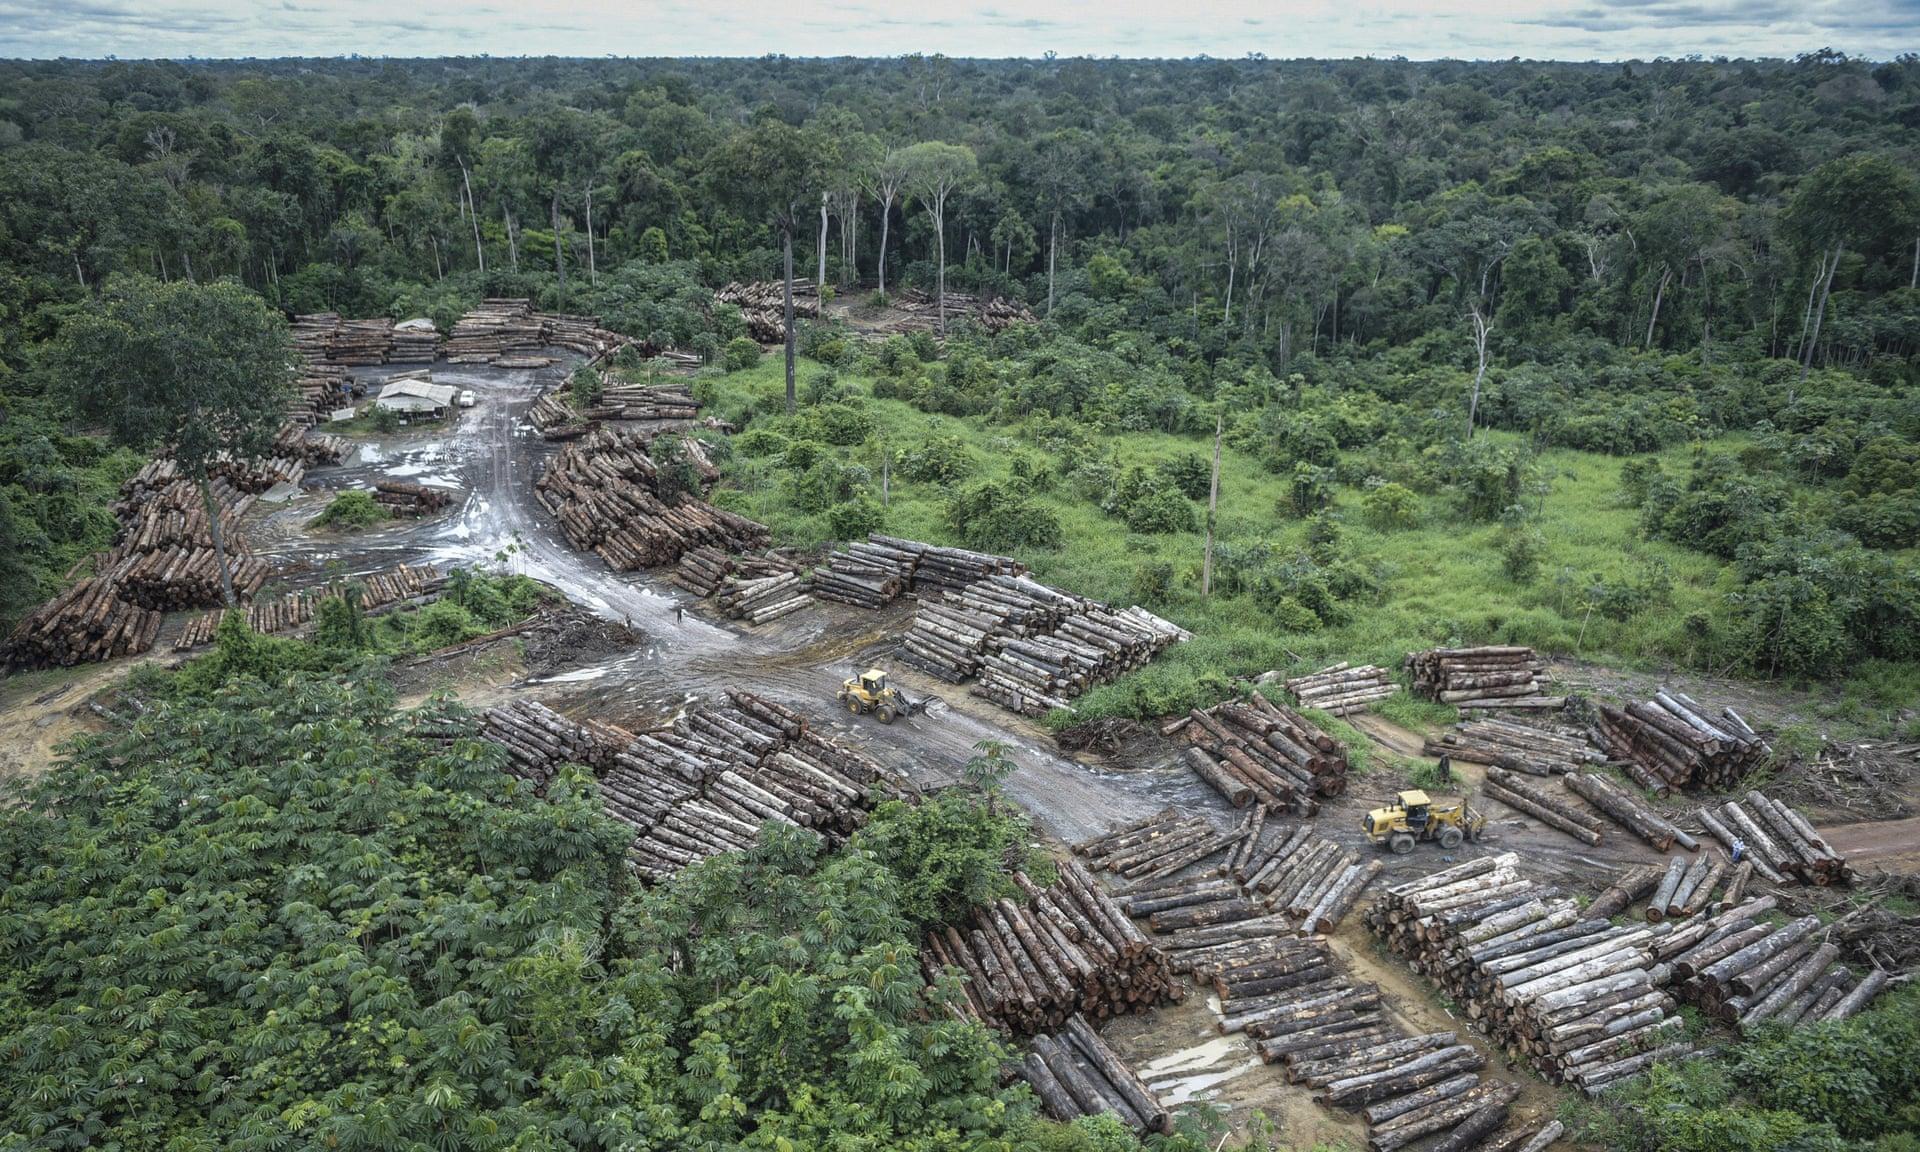 La deforestación del Amazonas podría crear las condiciones perfectas para la próxima pandemia, según expertos